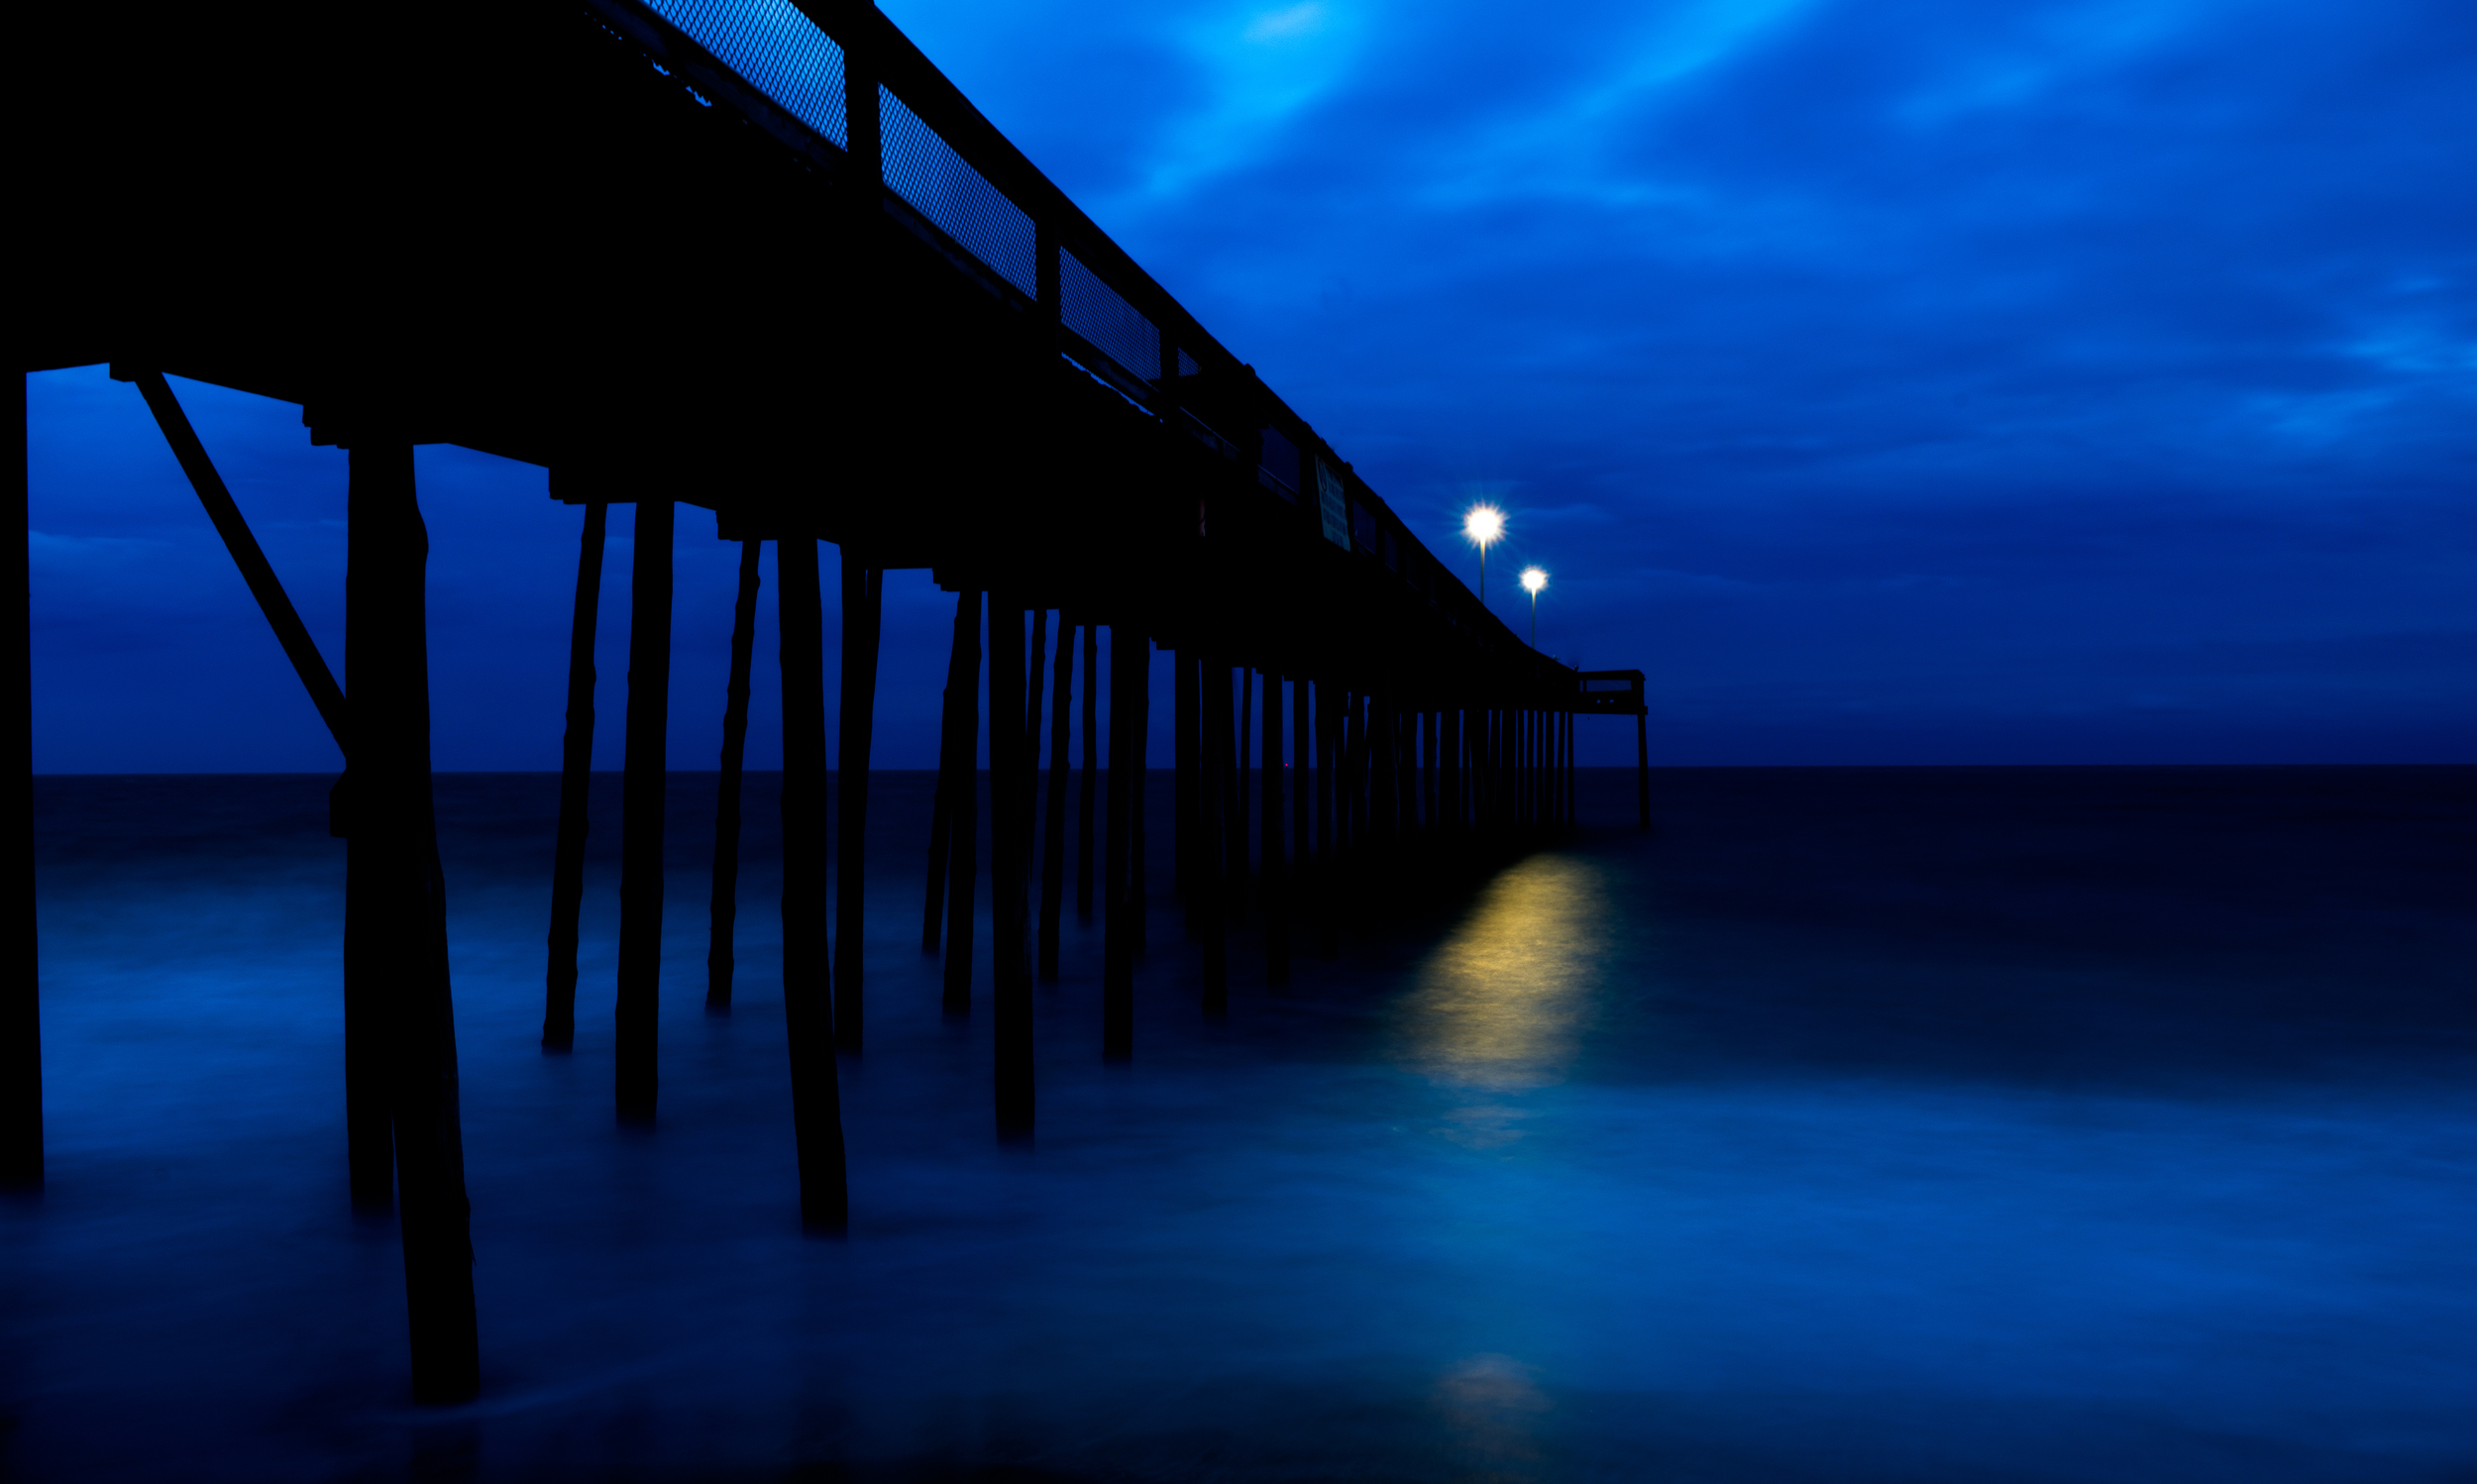 Ocean City MD warf pre-dawn